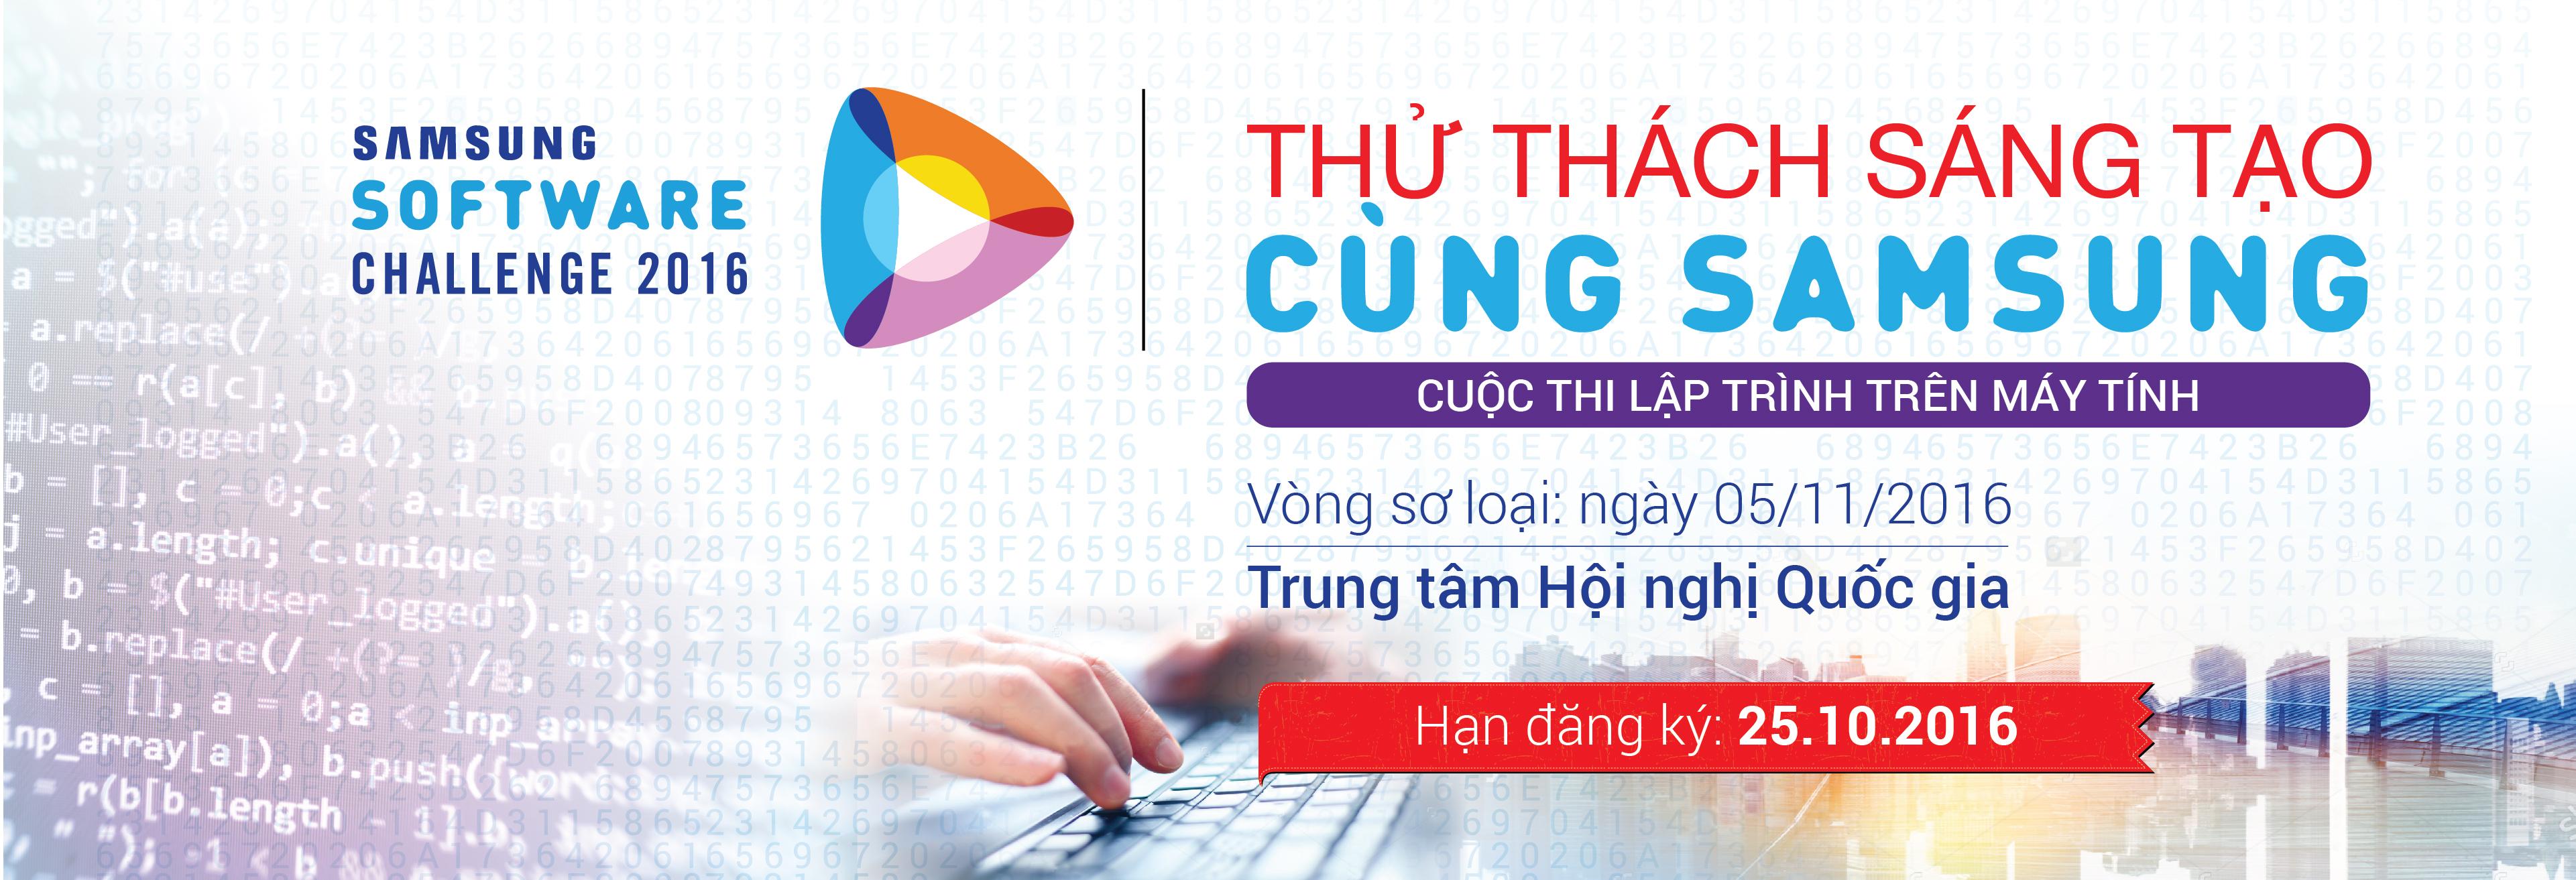 Thông báo cuộc thi Lập trình Samsung Software Challenge 2016